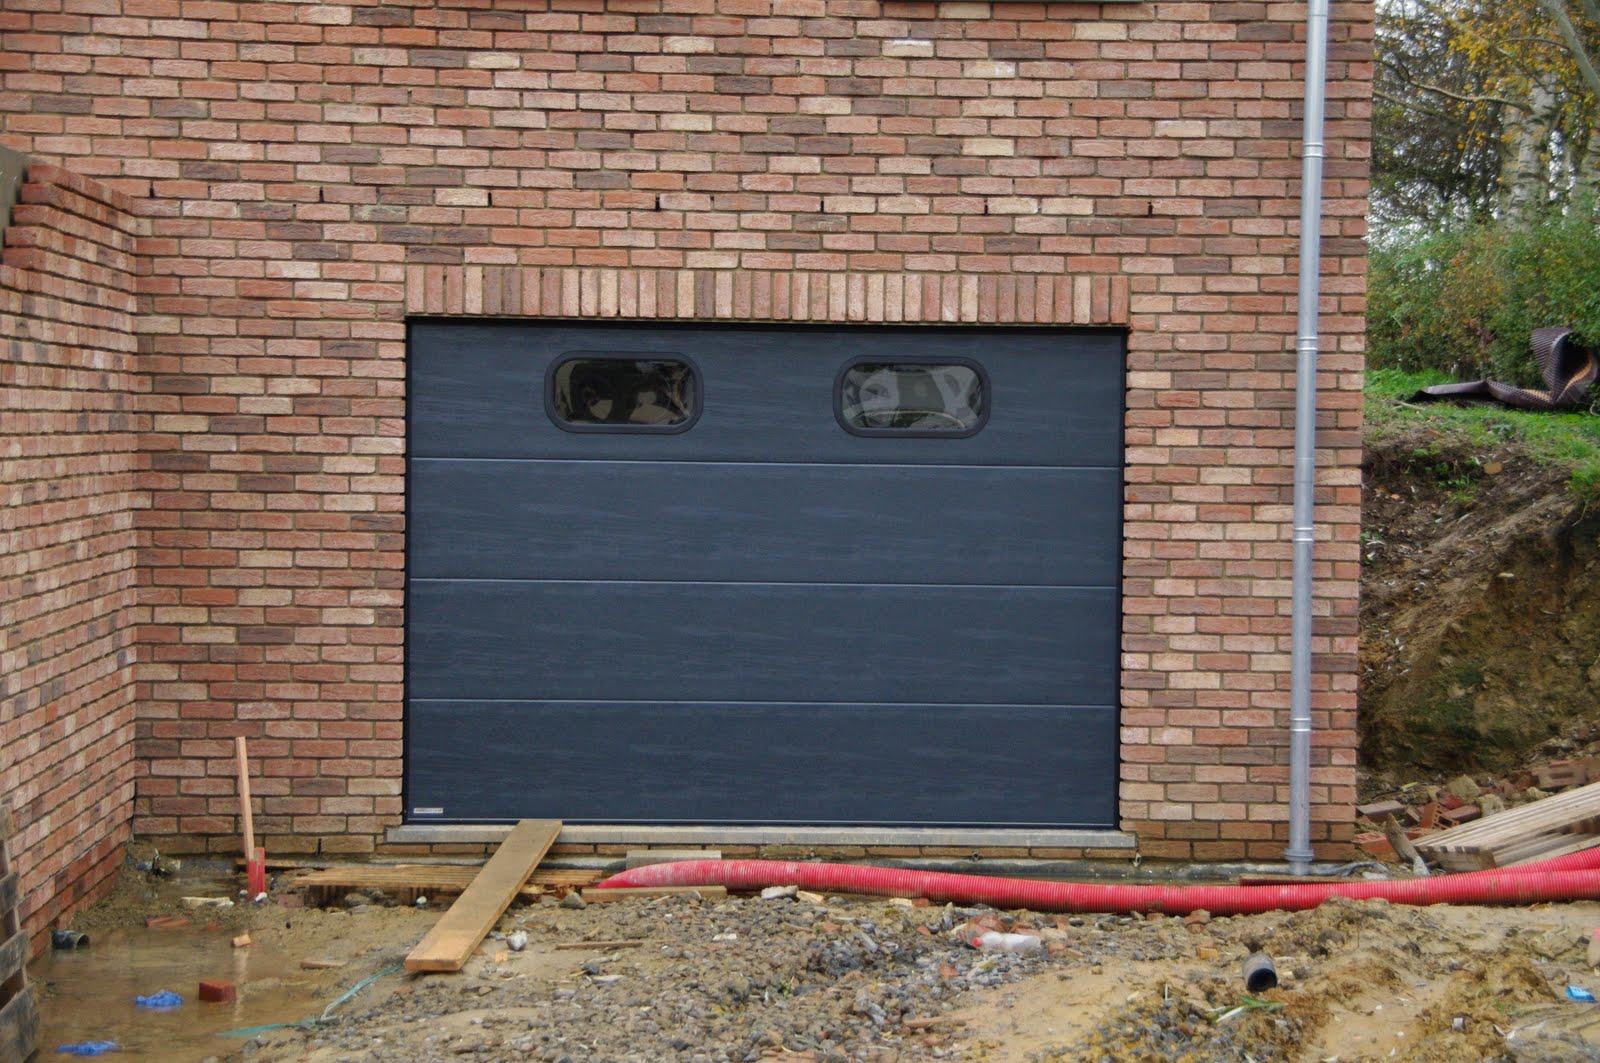 Maison nathalie et alban mise en place de la porte de garage for Porte garage maison